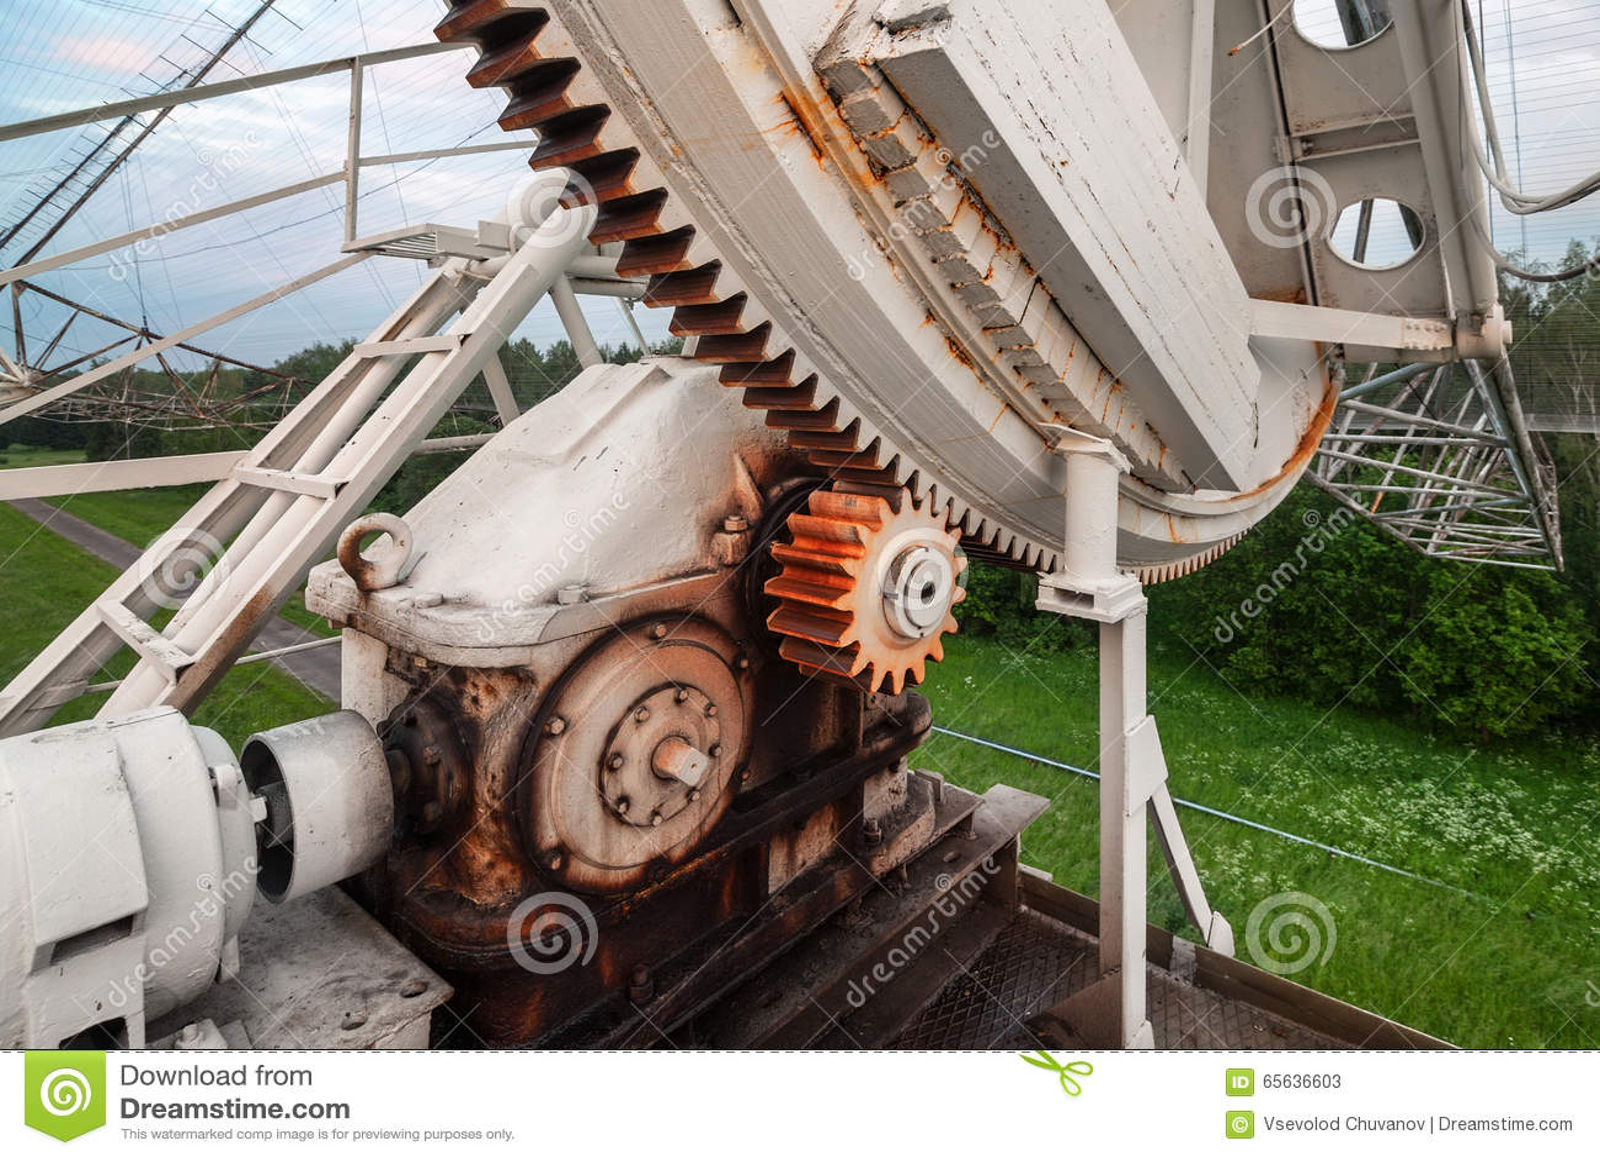 Le mécanisme de rotation du radiotelescope russe pour étudier des pulsars Foyer sur le mécanisme de vitesse